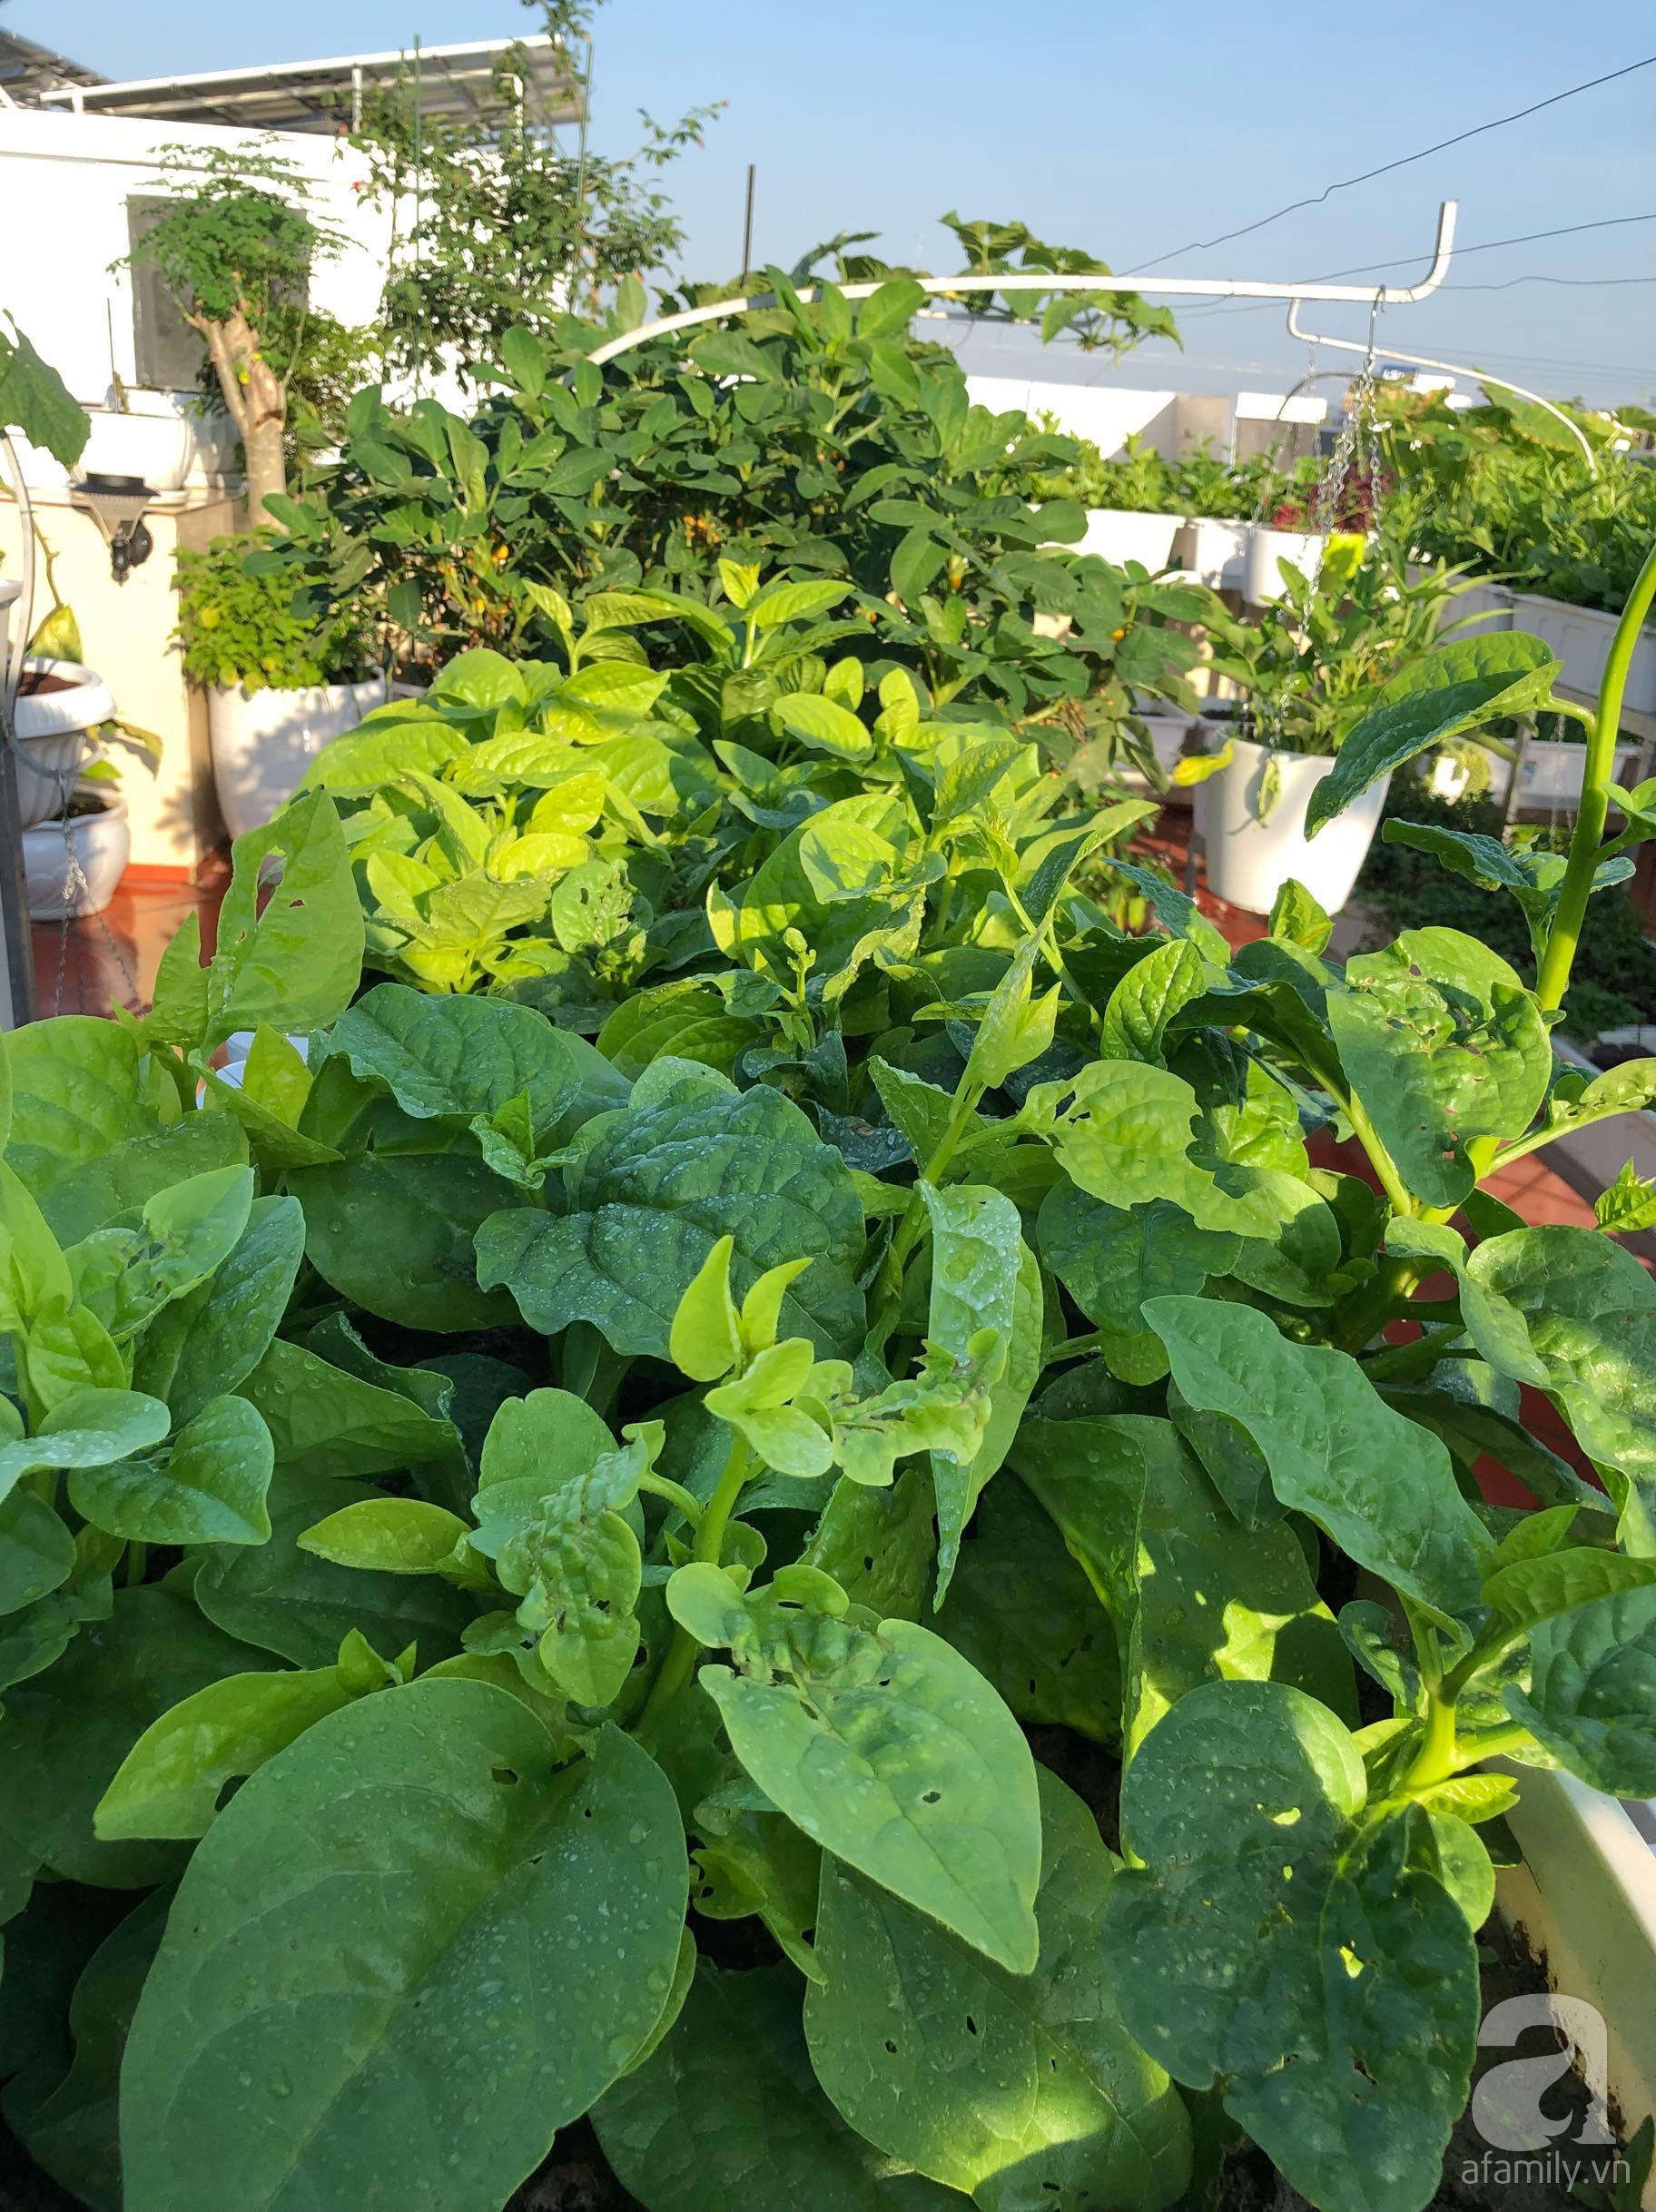 Vườn rau trên sân thượng bạt ngàn rau quả mùa hè của bà mẹ 3 con ở Hải Phòng - Ảnh 8.